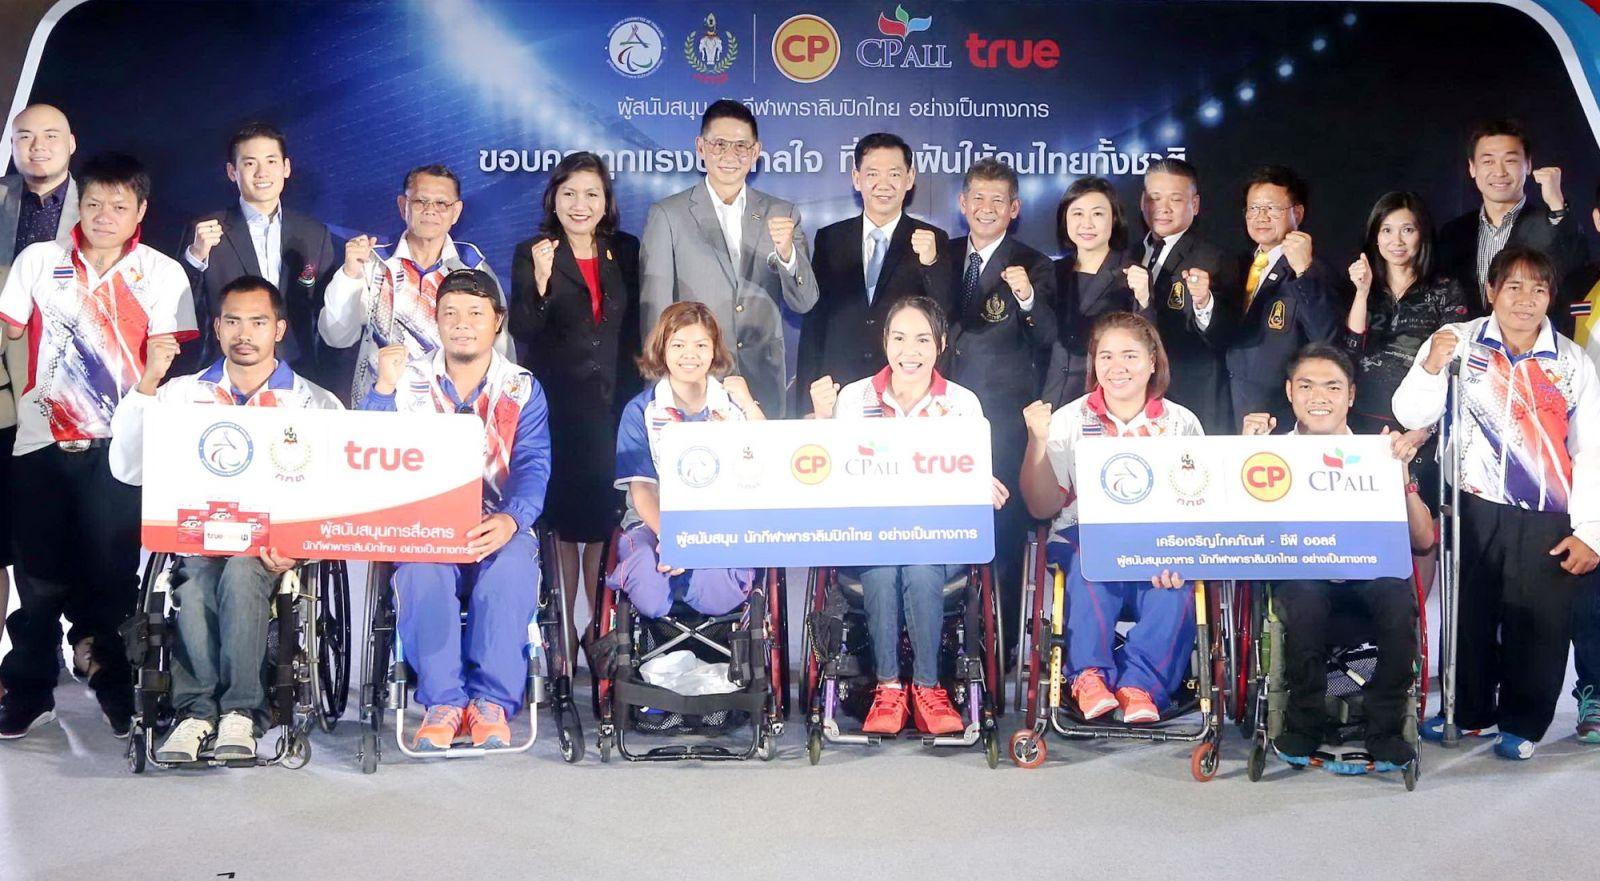 เครือเจริญโภคภัณฑ์-ซีพี ออลล์-ทรูฯ จัดงาน THANK YOU THE HEROES ต้อนรับ ทัพพาราลิมปิกไทย ชุดสร้างประวัติศาสตร์